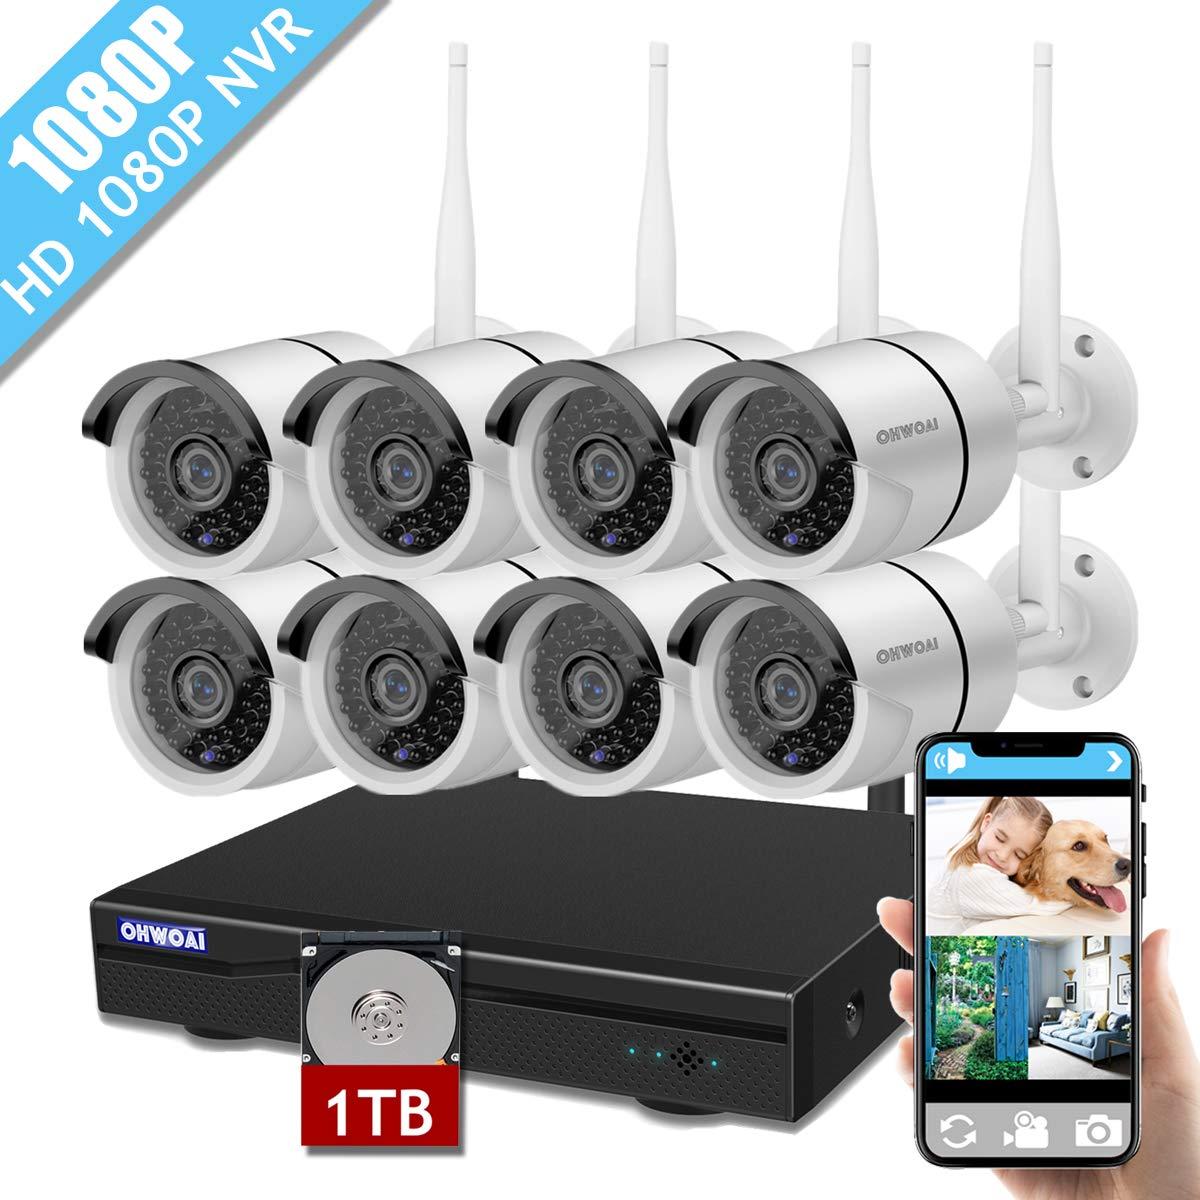 OHWOAI spy camera for business